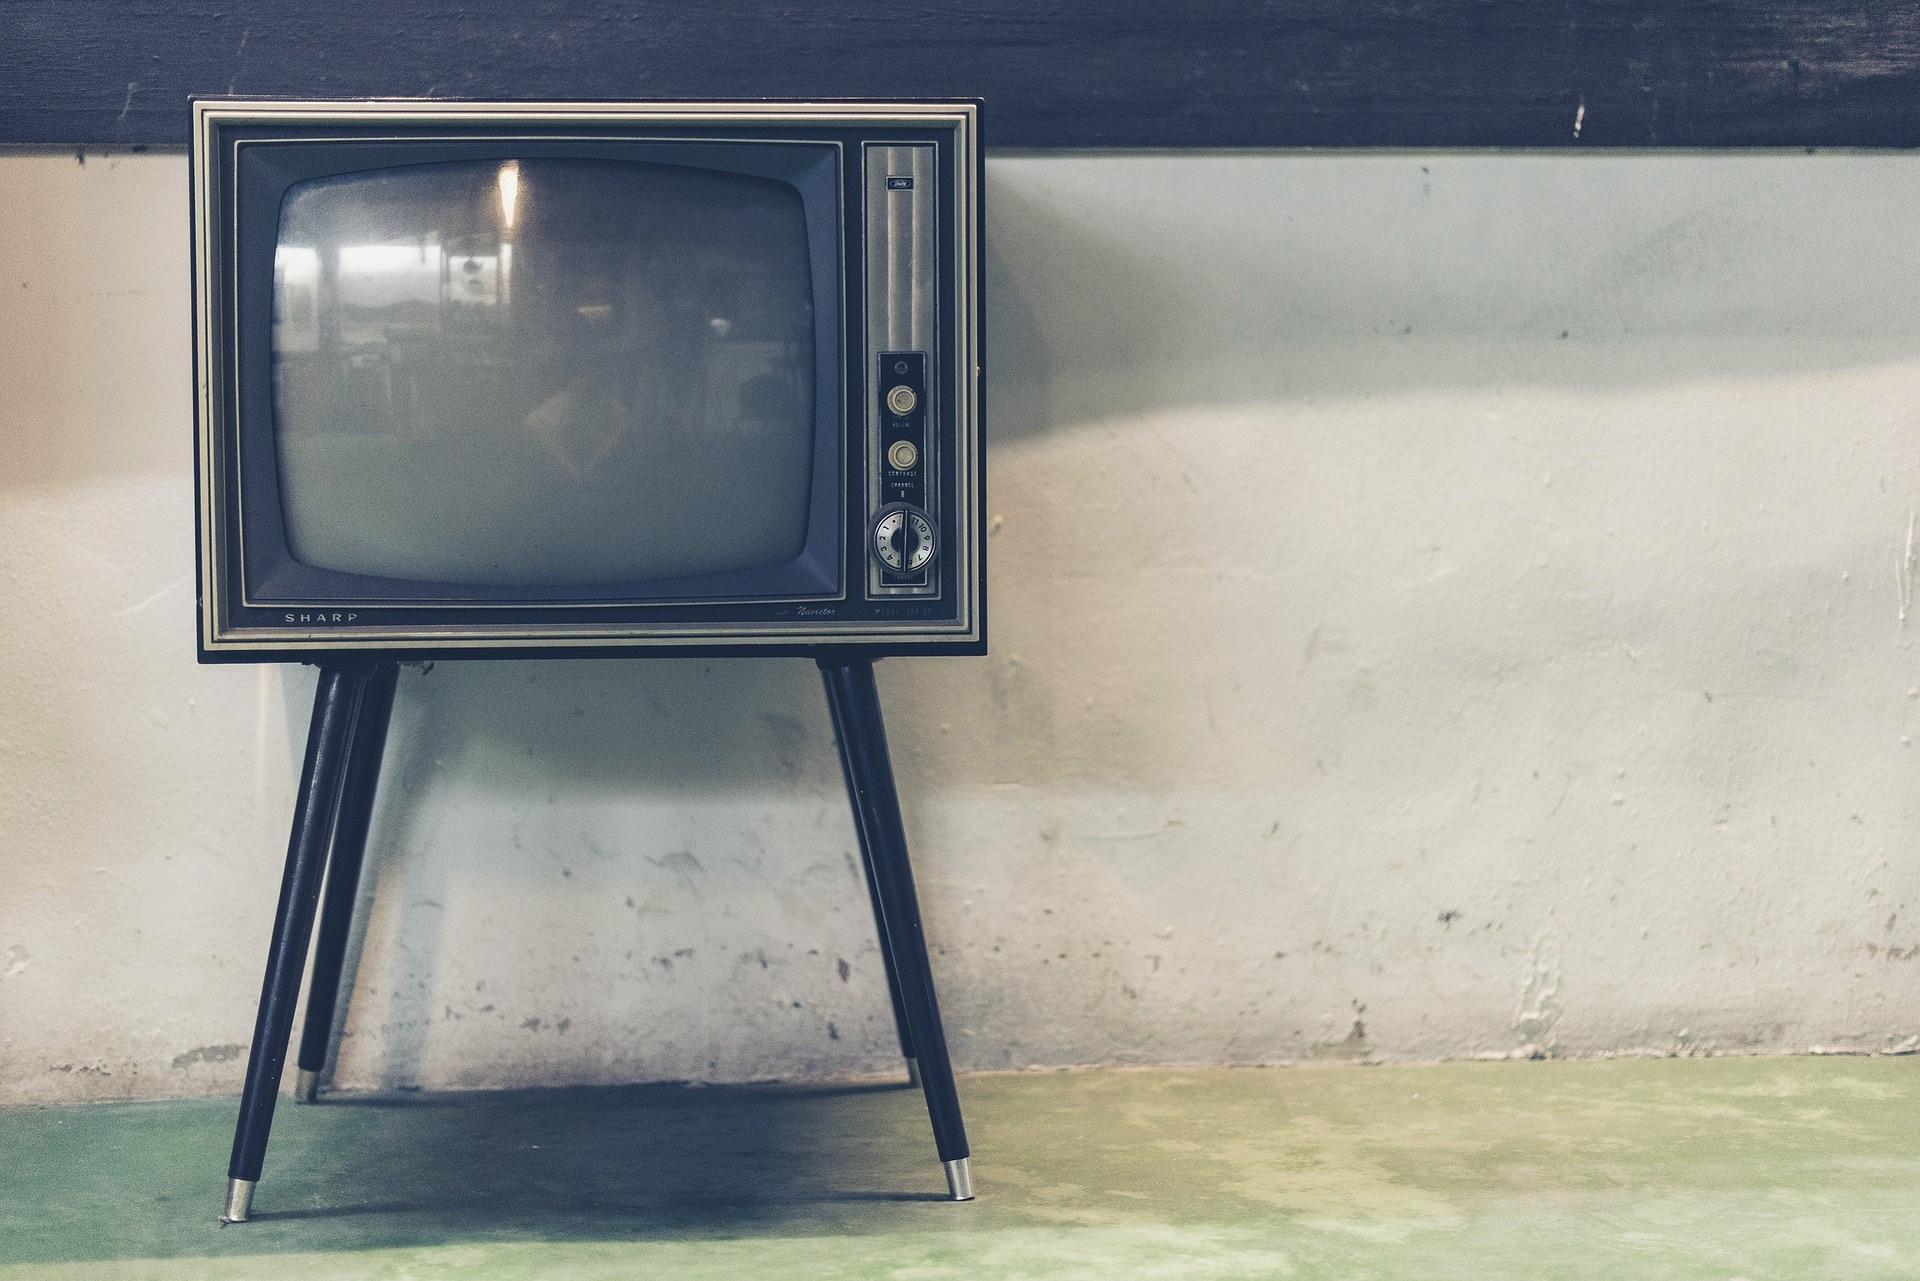 TV-reclame voldoet beter aan de eisen van adverteerders dan online-reclame